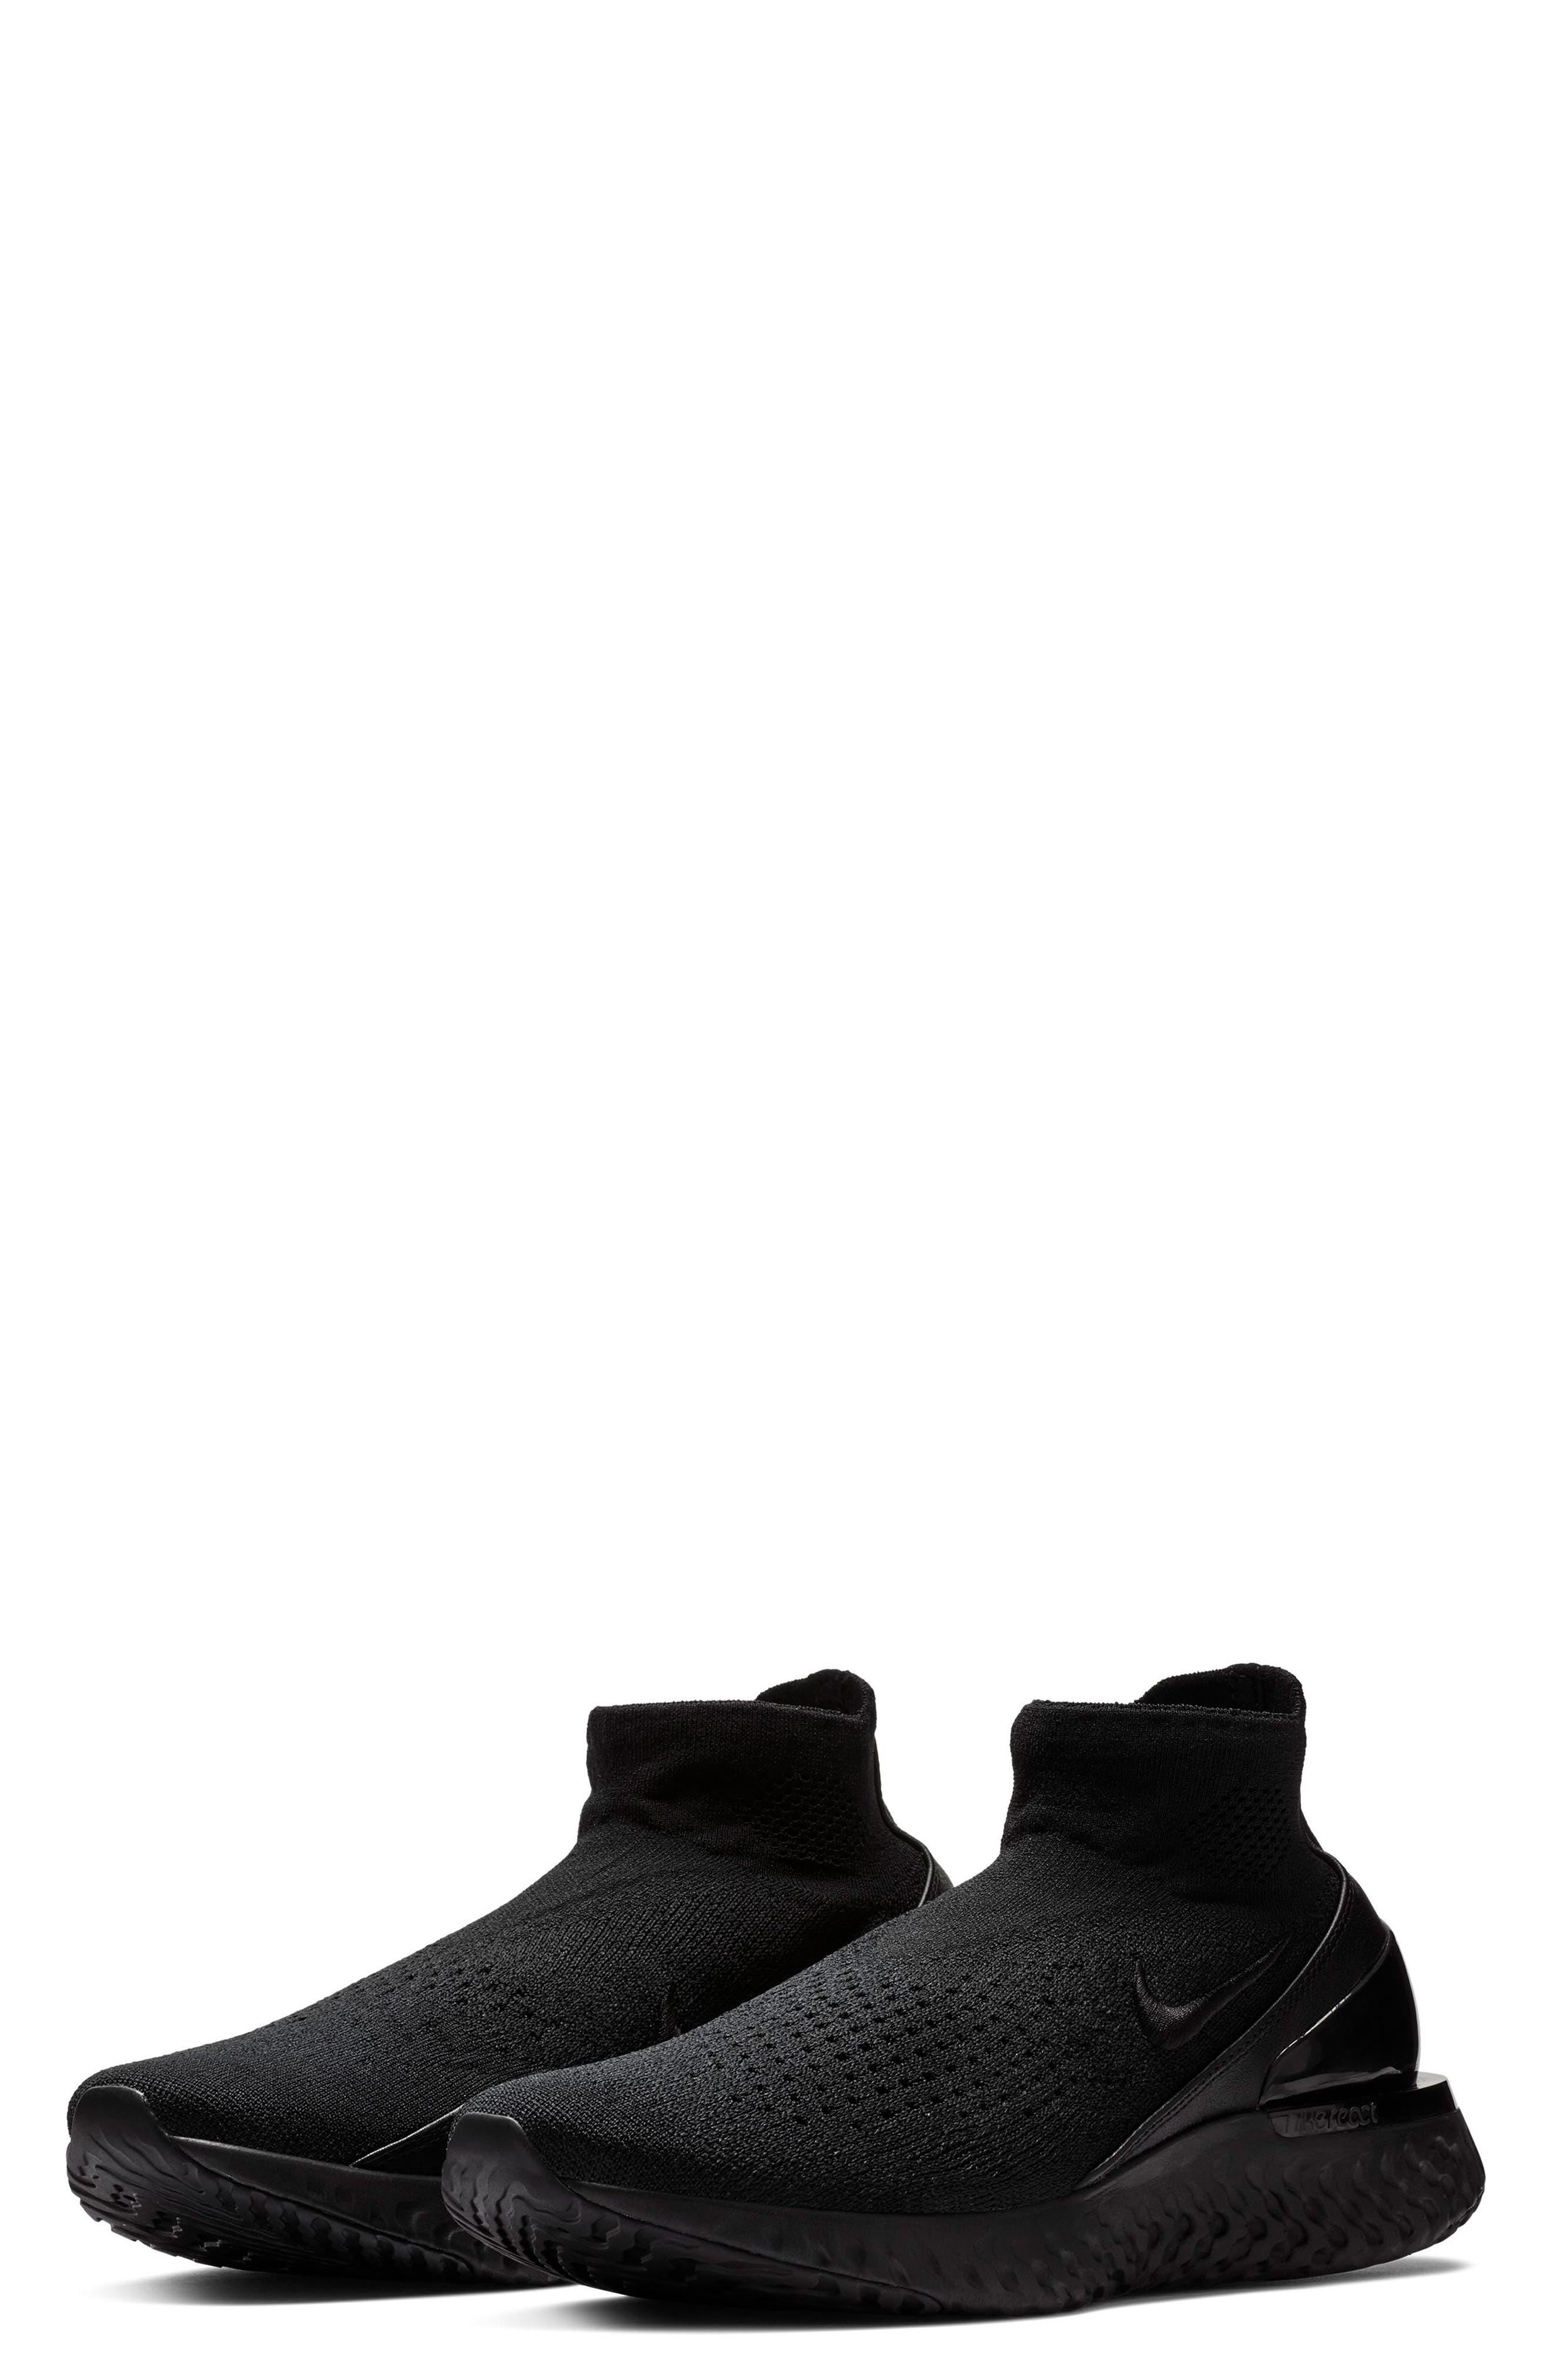 4b4f6082c167 Nike Flyknit